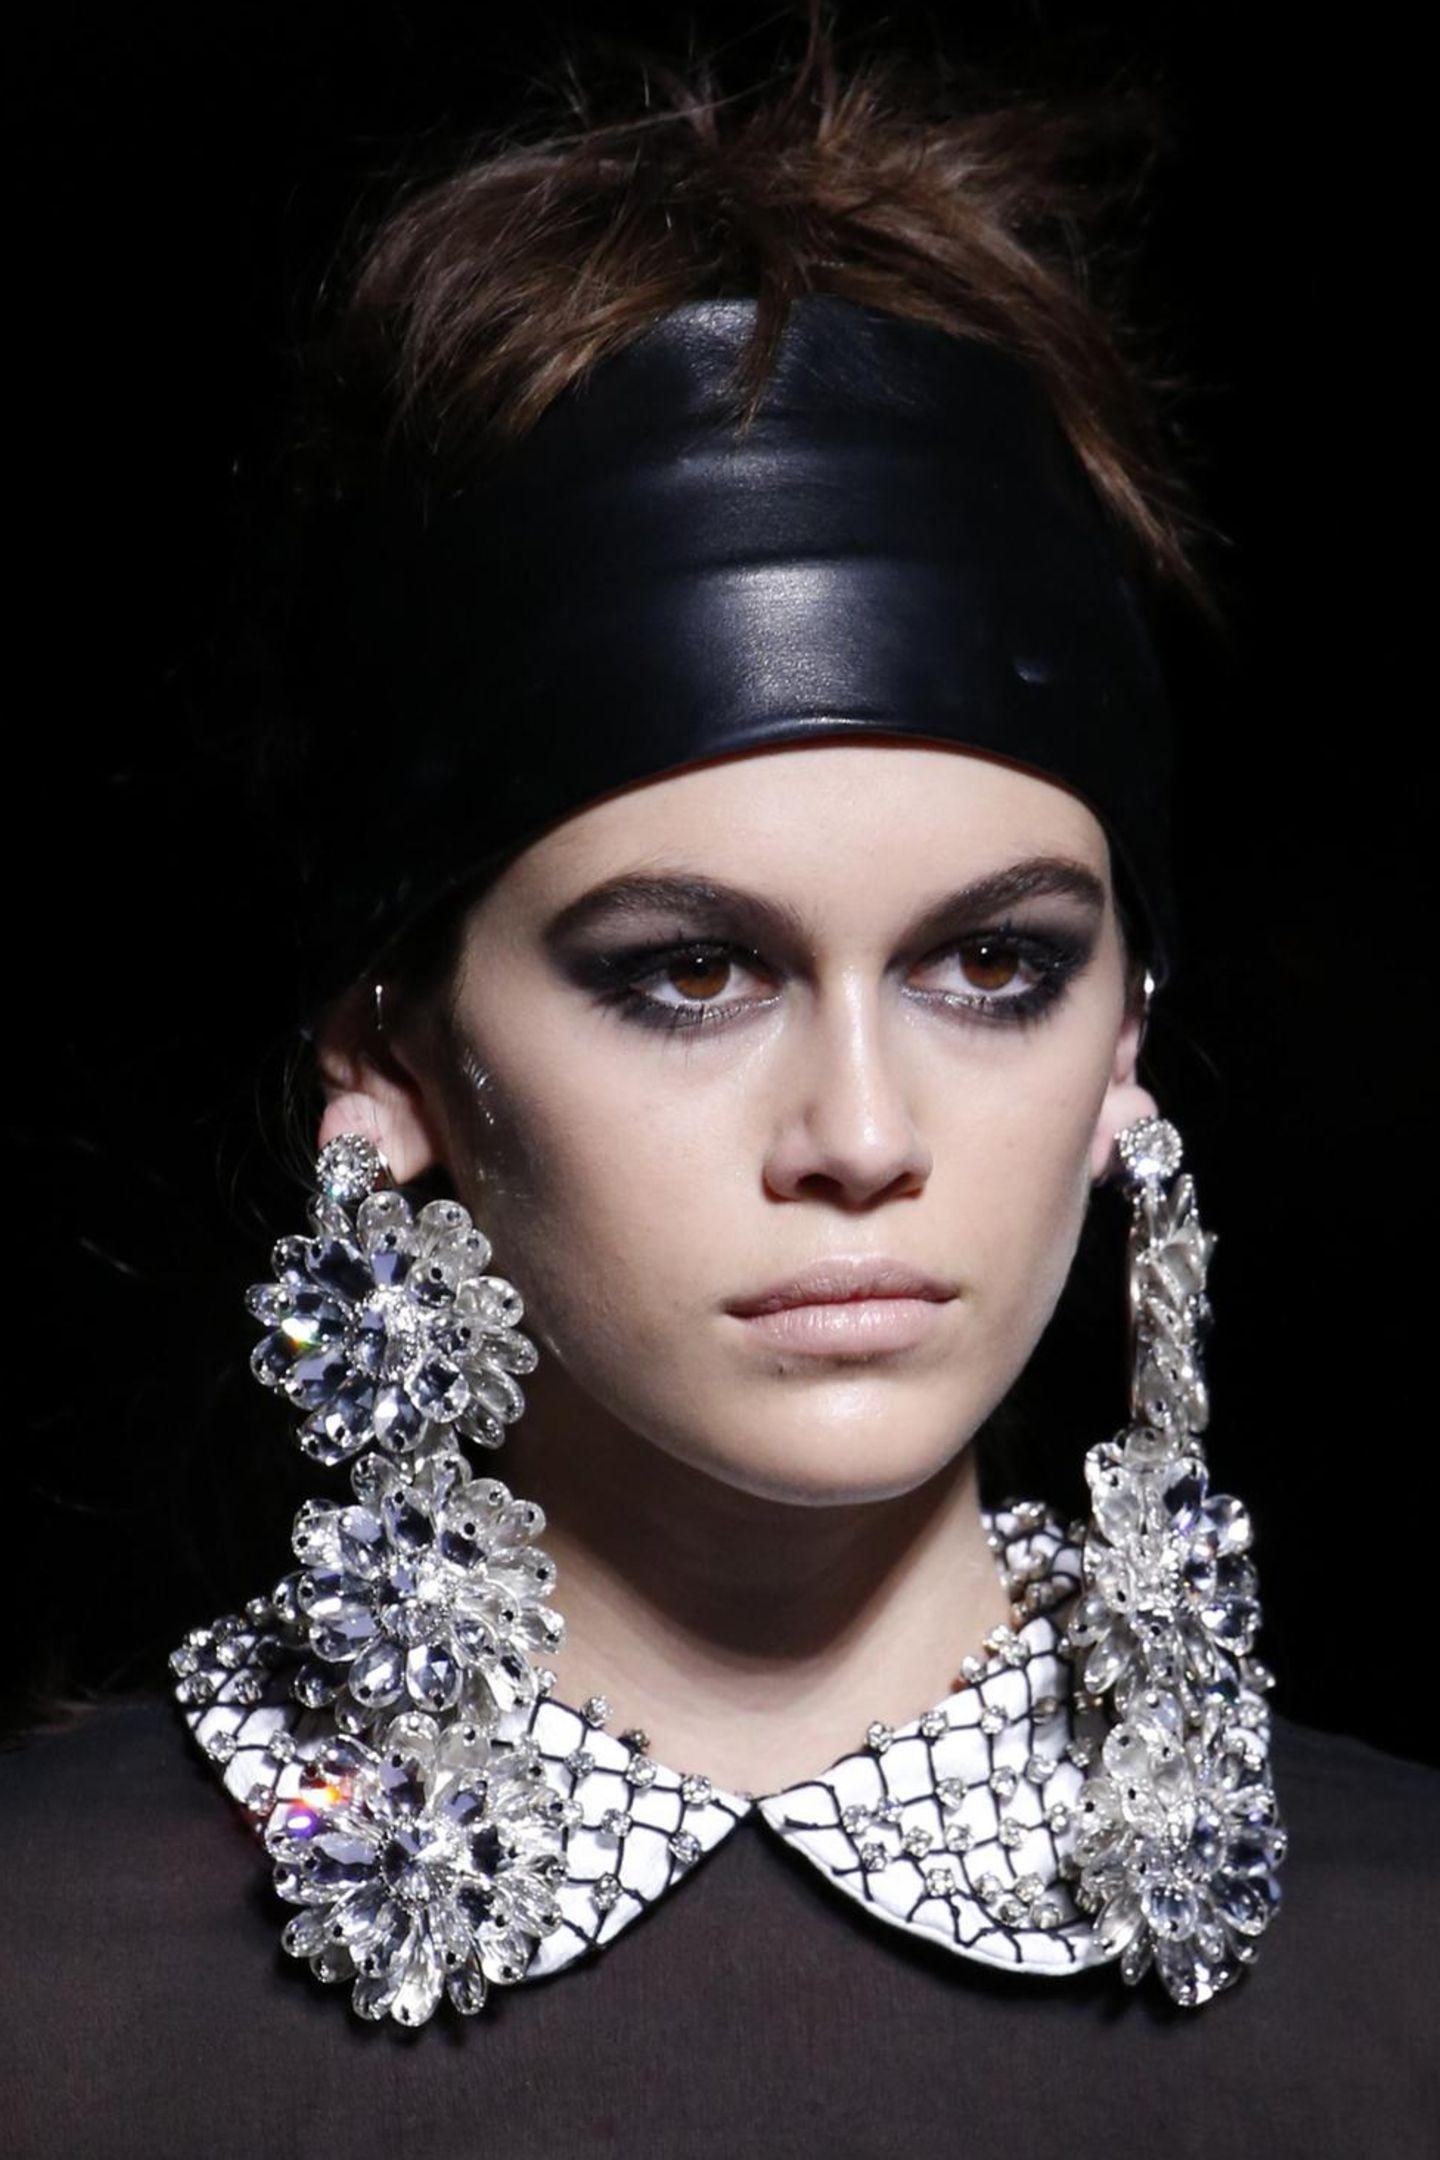 Kaia Gerber ist momentan von keiner Fashion Week wegzudenken: Auf dem Laufsteg von Tom Ford in New York werden ihre dunklen Rehaugen durch Smokey Eyes und einen dunklen Lidstrich betont. Der Rest des Make-up ist eher farblos und schlicht.